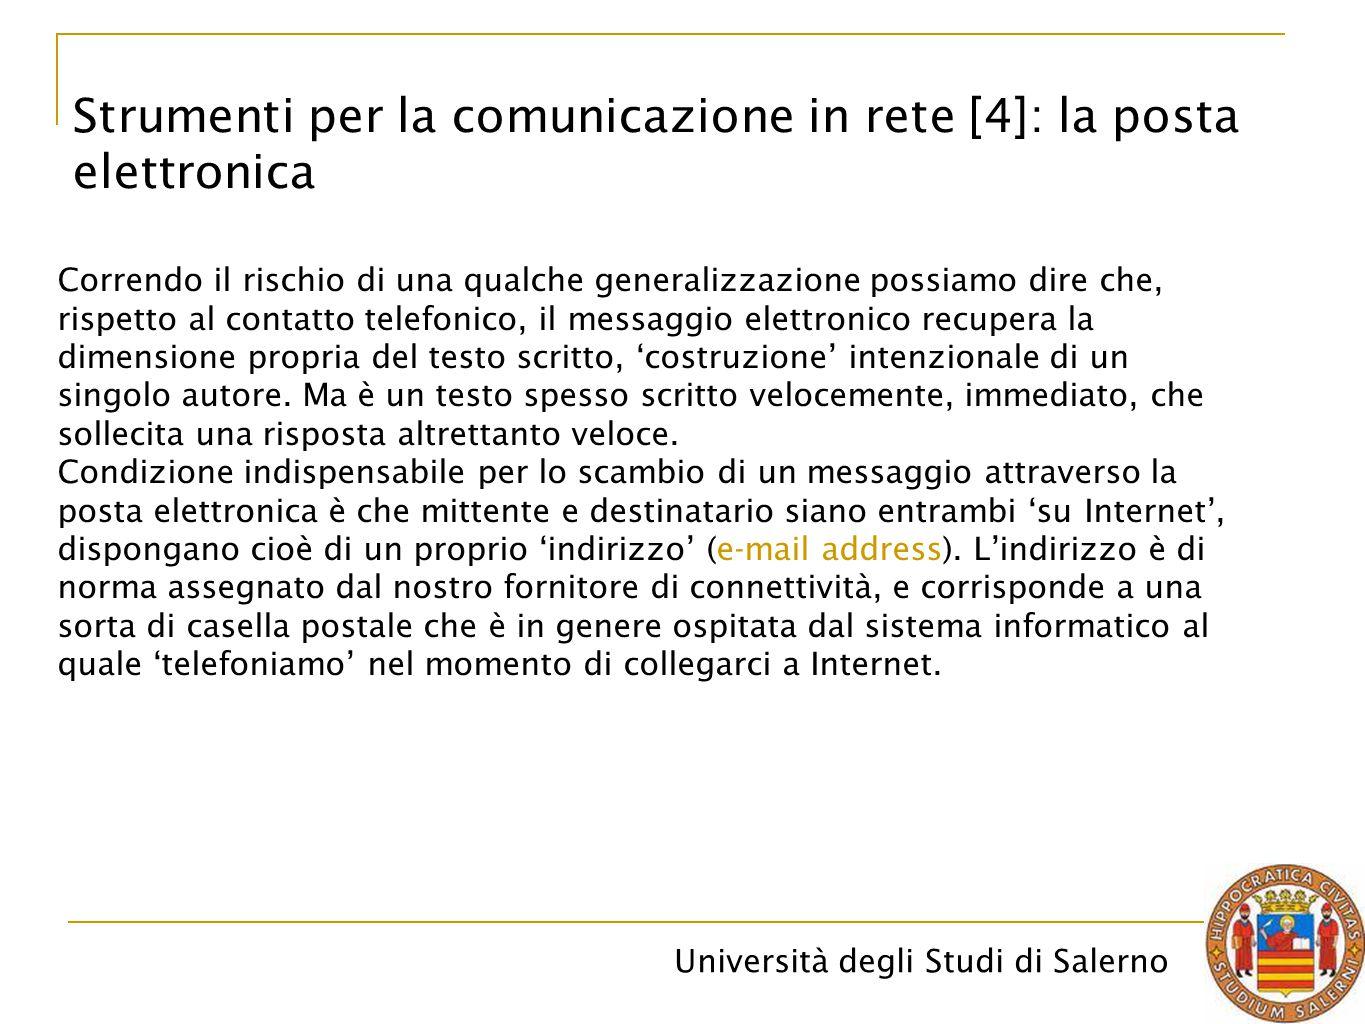 Strumenti per la comunicazione in rete [4]: la posta elettronica